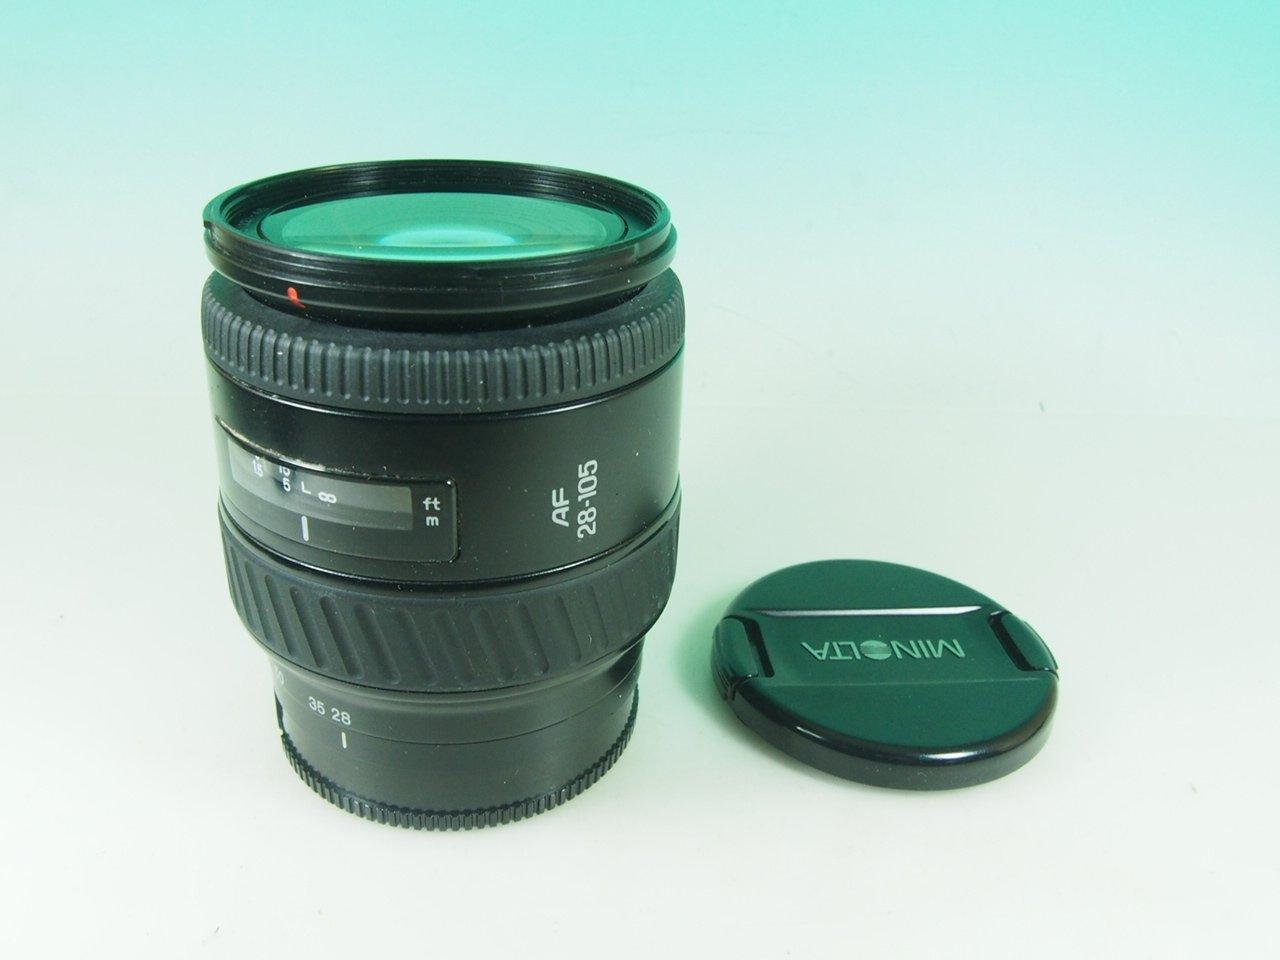 【正規取扱店】 Minolta AF レンズ レンズ 28-105mm F3.5-4.5 New Minolta AF B00CSLJQ9K, VIVACIA:a32b0404 --- arianechie.dominiotemporario.com